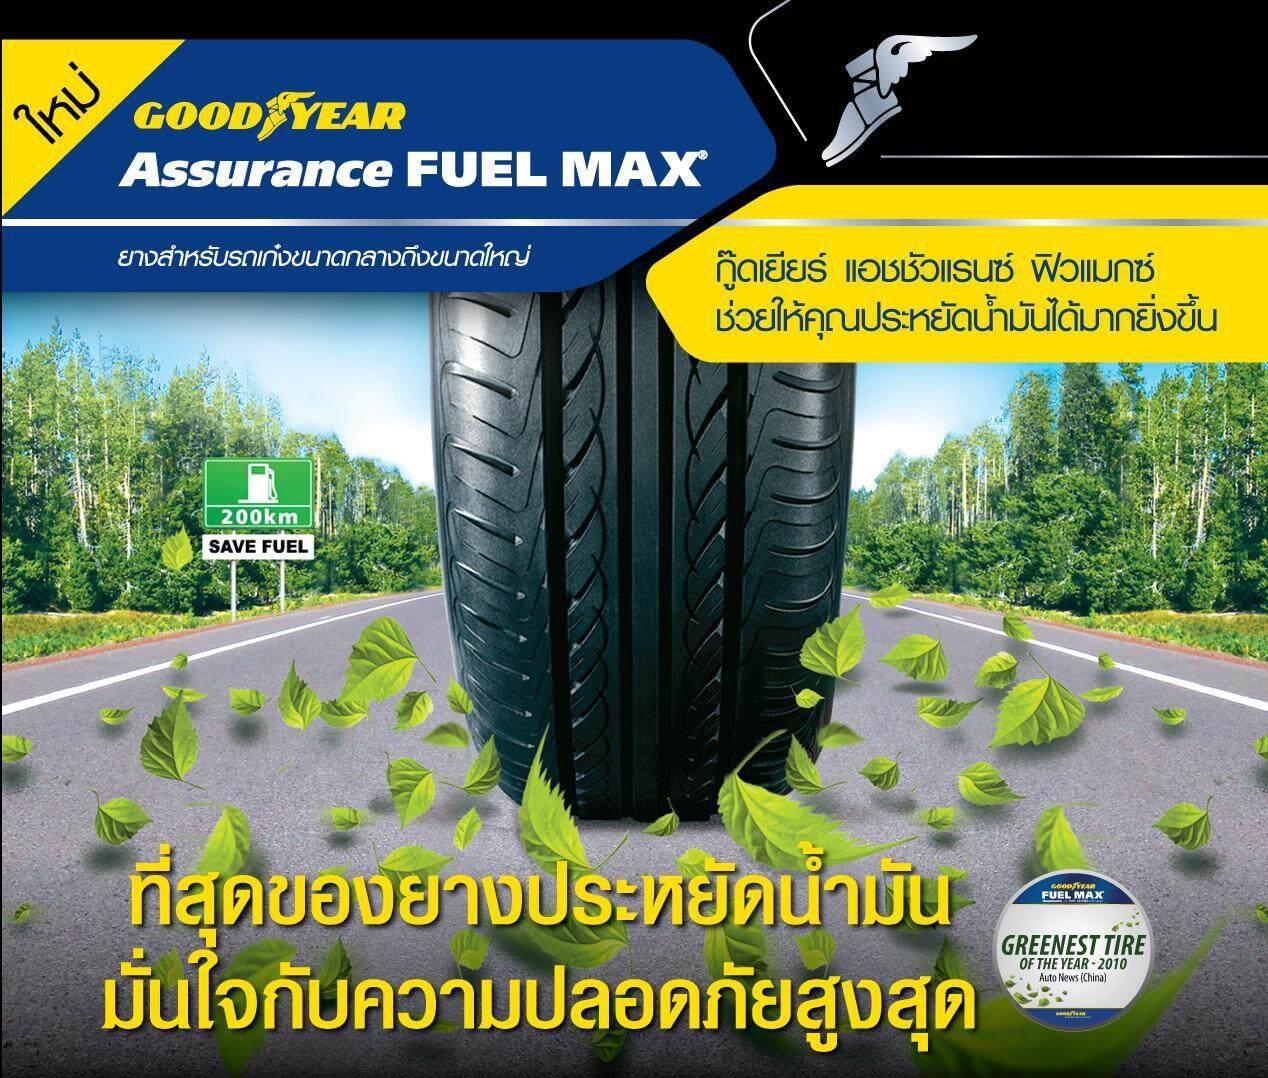 ประกันภัย รถยนต์ แบบ ผ่อน ได้ ปทุมธานี GOODYEAR ยางรถยนต์ 205/60R16 (ล้อขอบ16) รุ่น FUEL MAX 4 เส้น (ใหม่กริ๊ปปี2019)